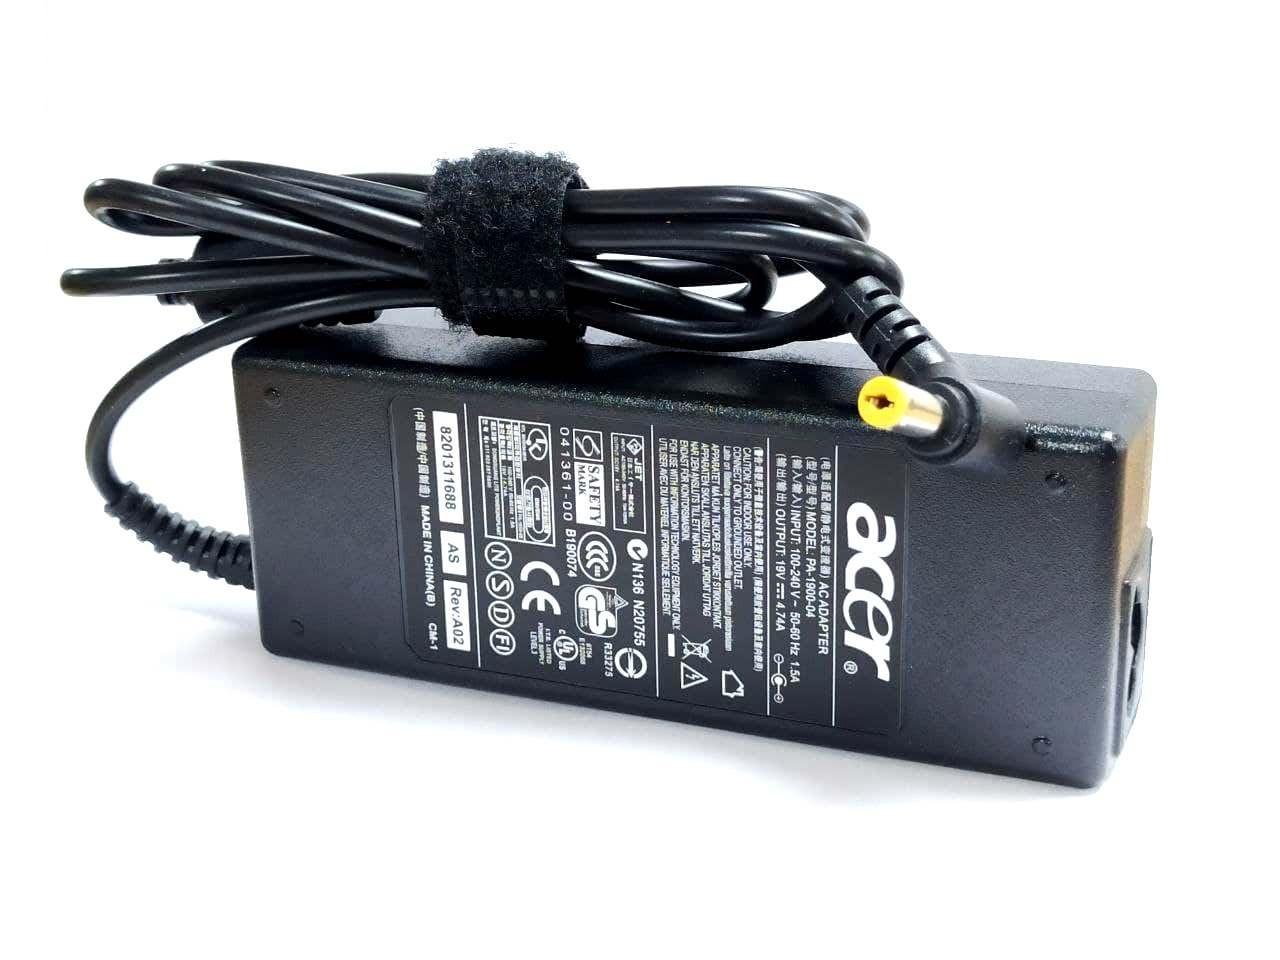 Блок питания для ноутбука Acer Aspire 7520 19V 4.74A 90W